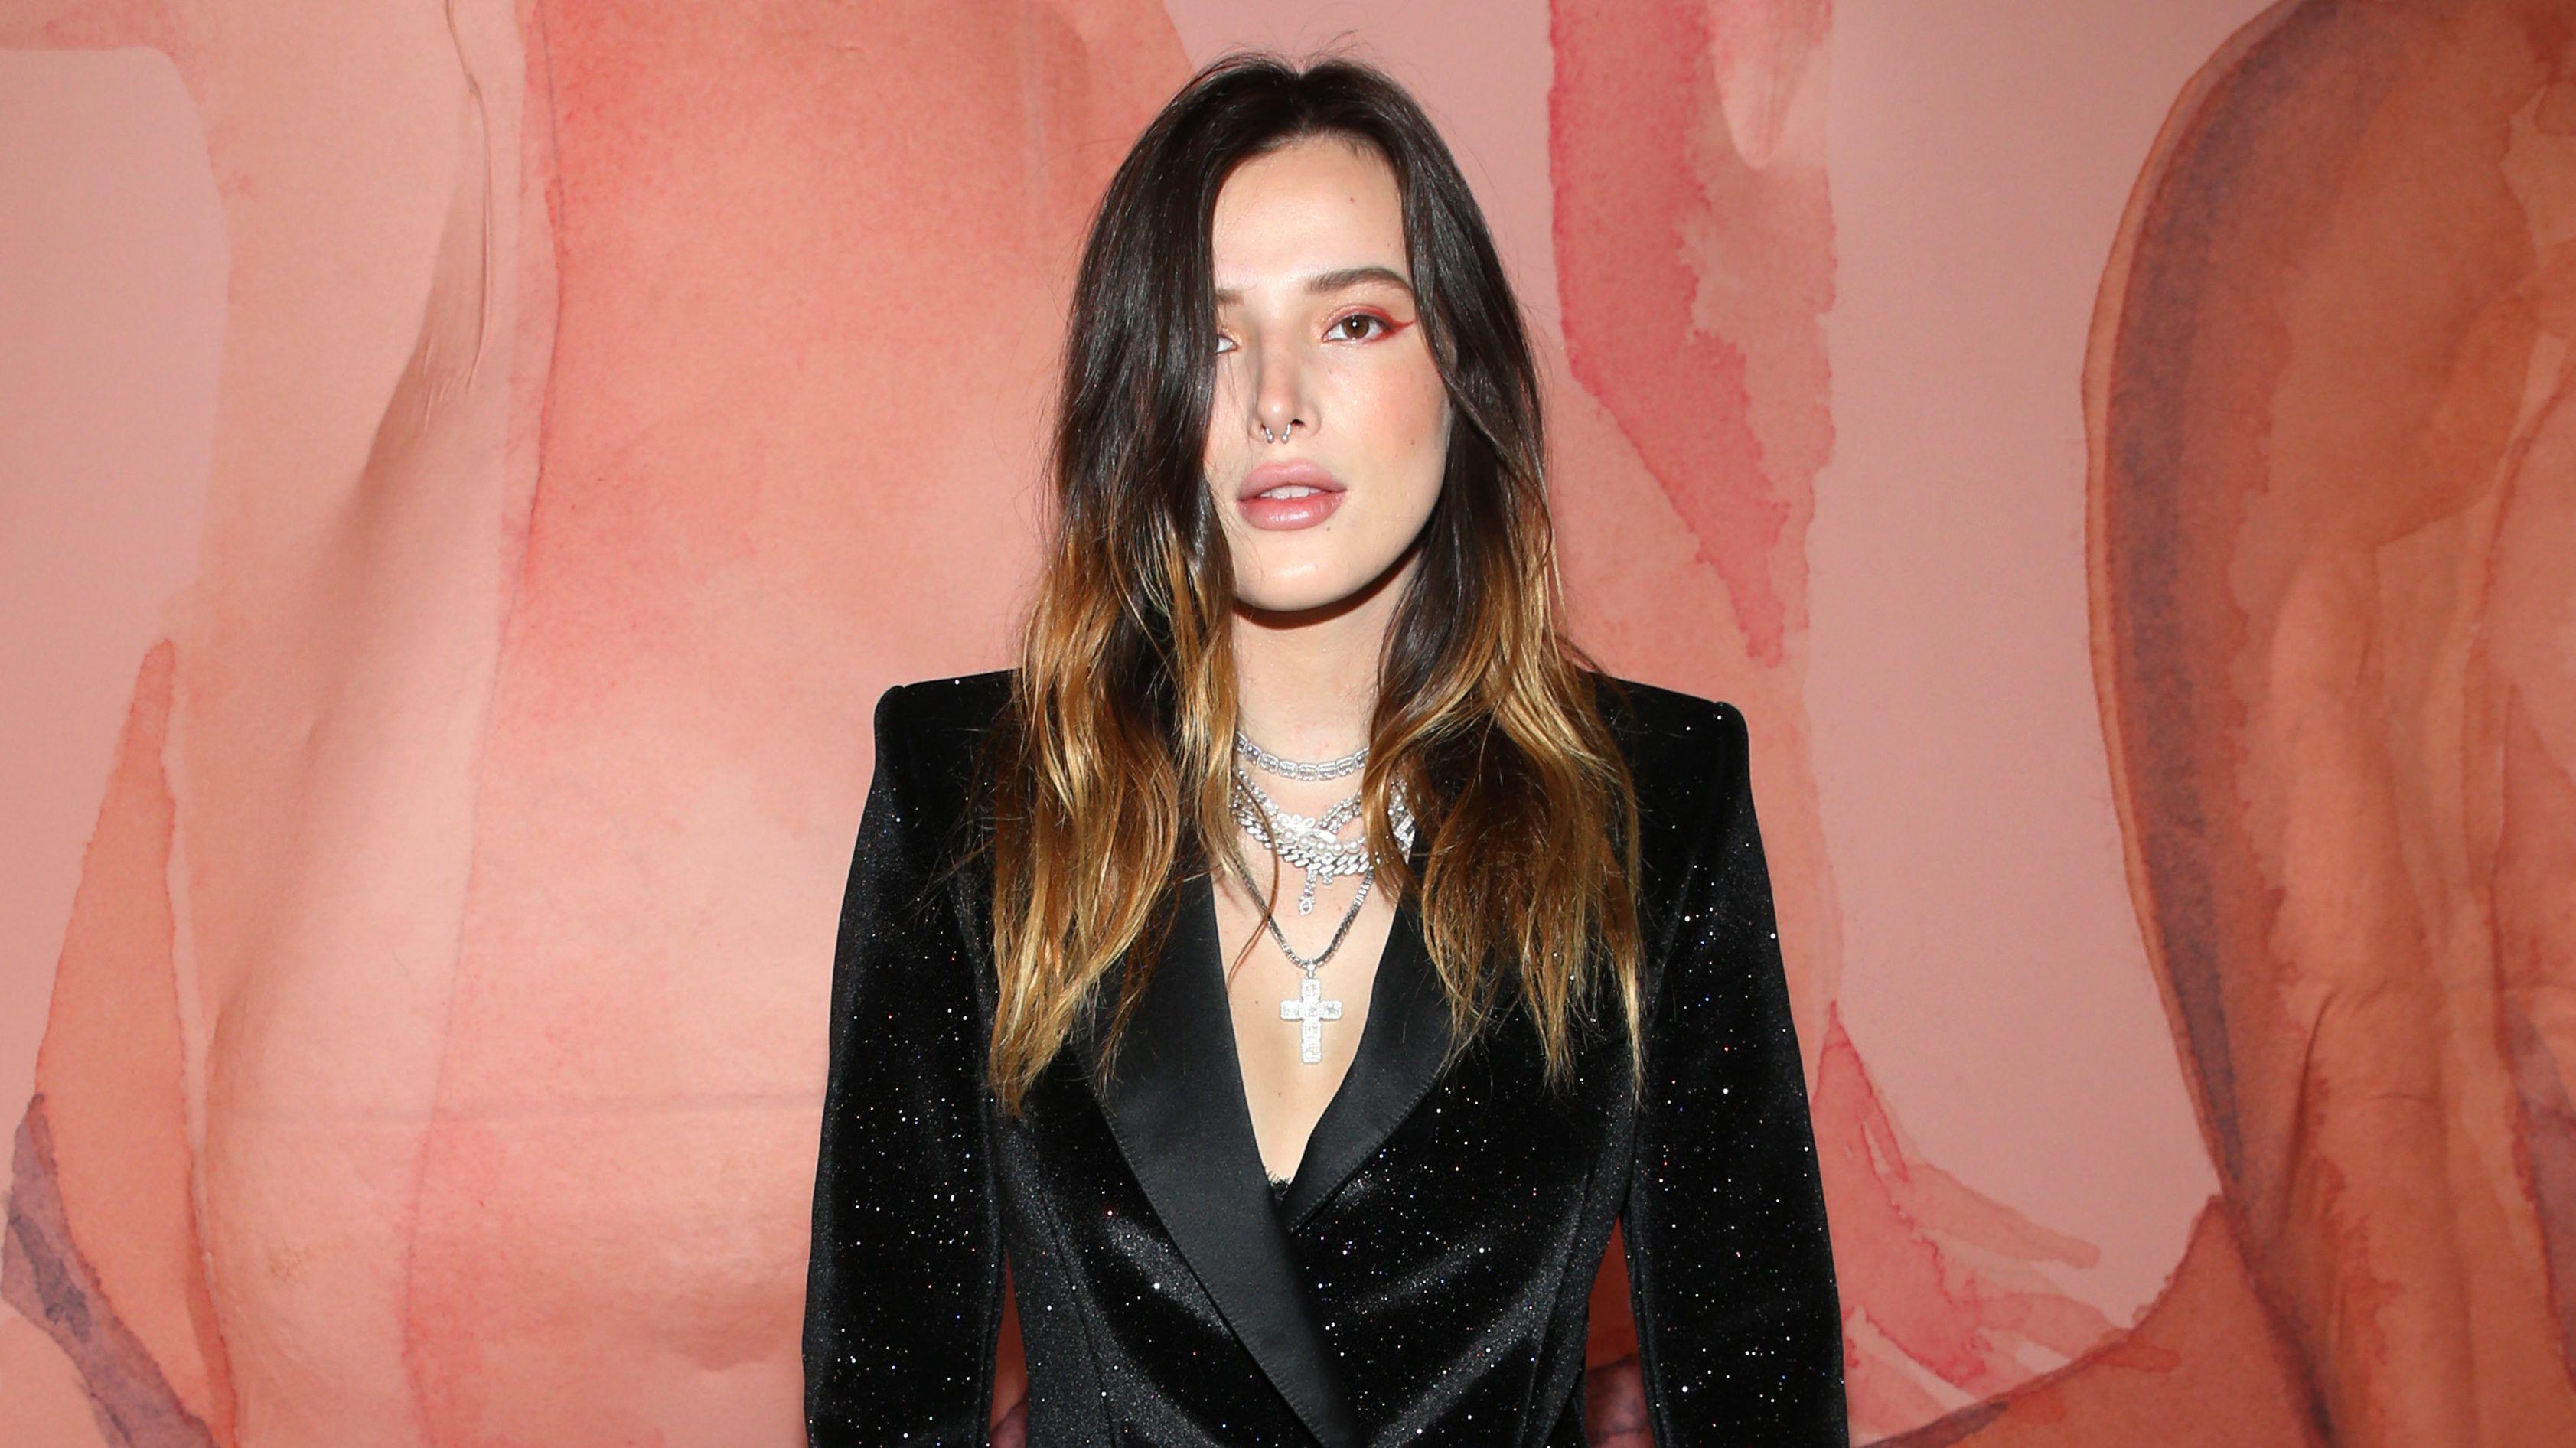 Bella Thorne új frizurája inkább balesetnek tűnik, mint tudatos döntésnek